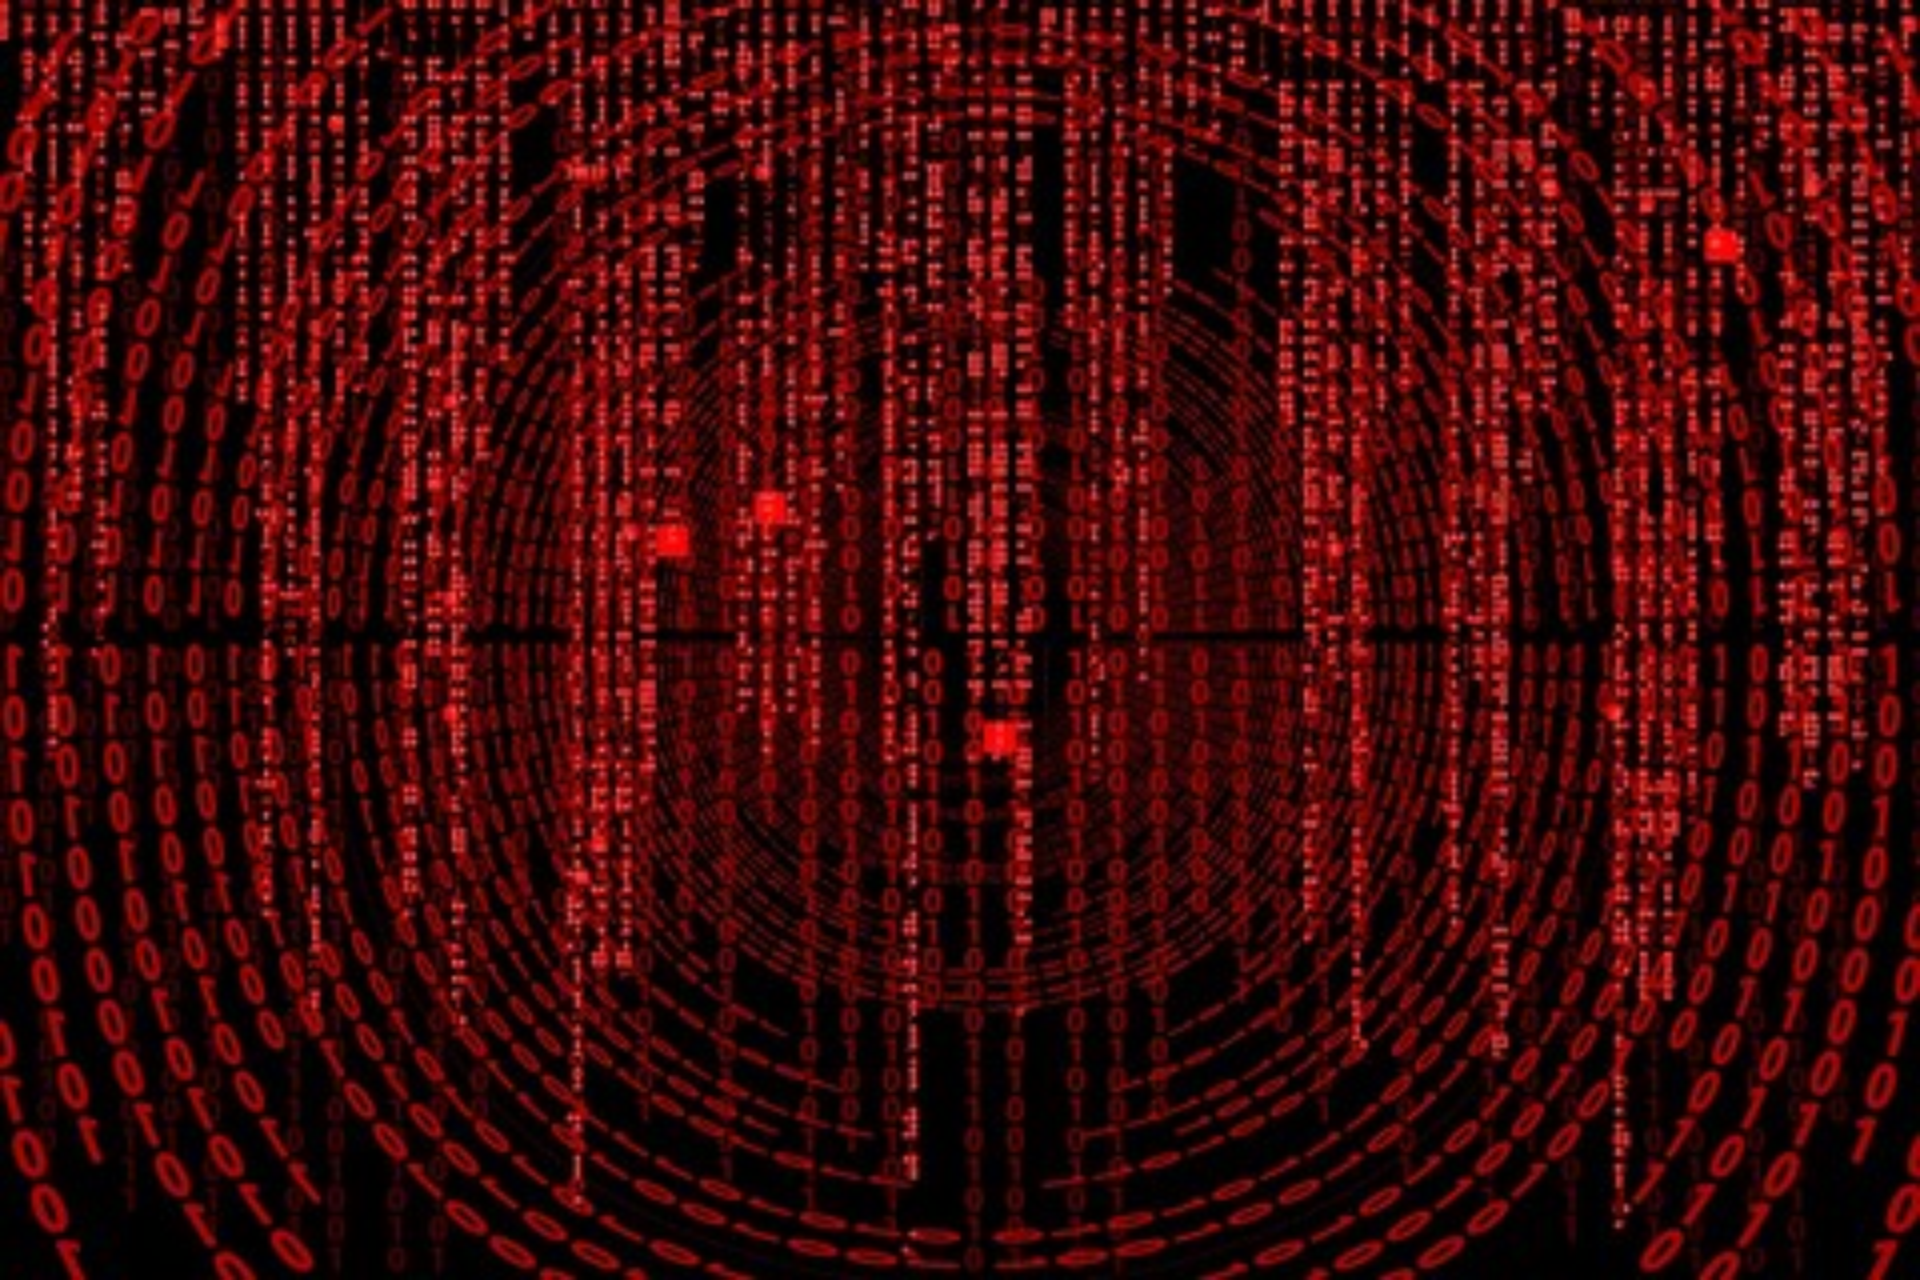 Imagem de Cuidado: grave falha de segurança atinge diversos clientes de torrent no tecmundo